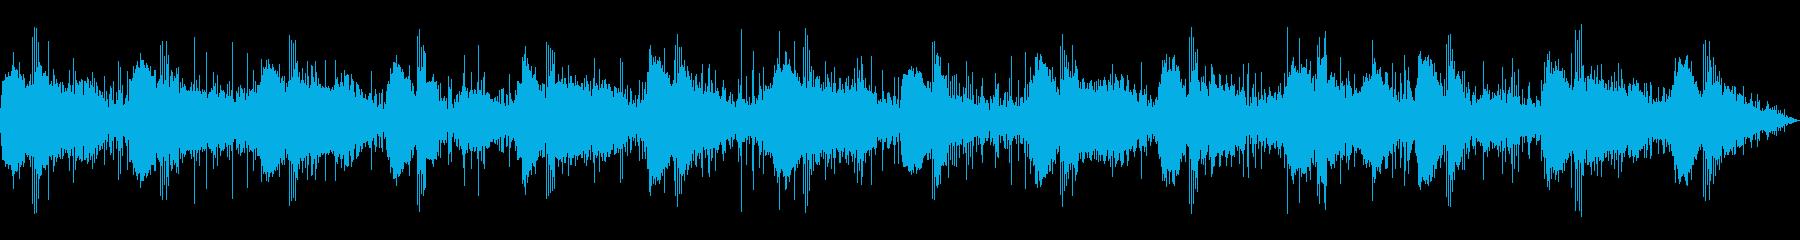 ヒーリングアンビエント_水流_Aの再生済みの波形